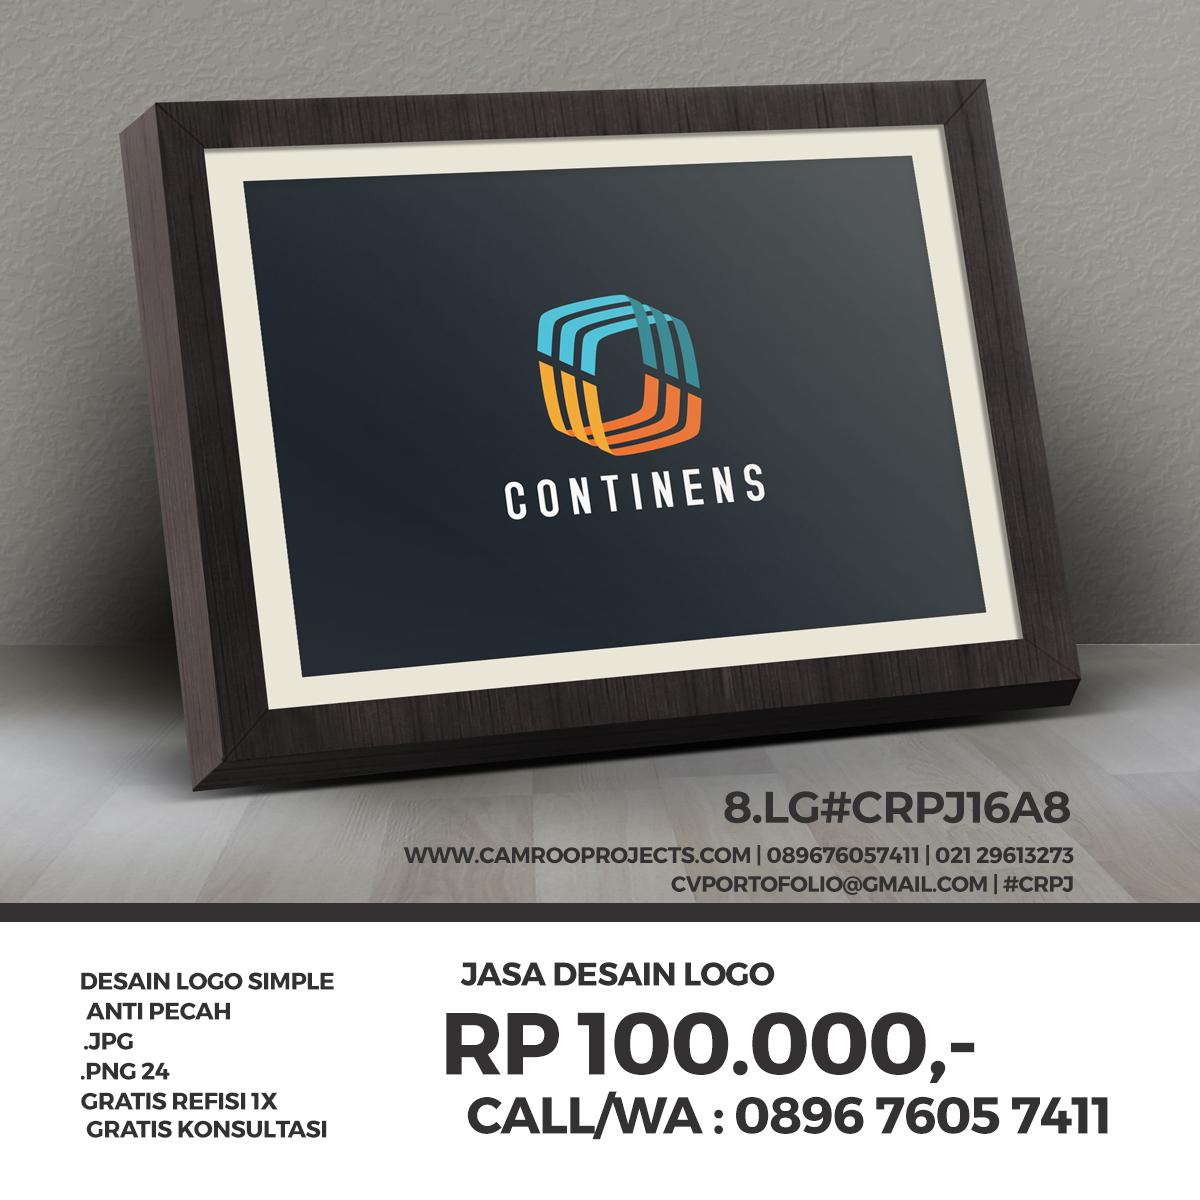 Cetak Grafis professional di BogorCetak Grafis professional di Bogor